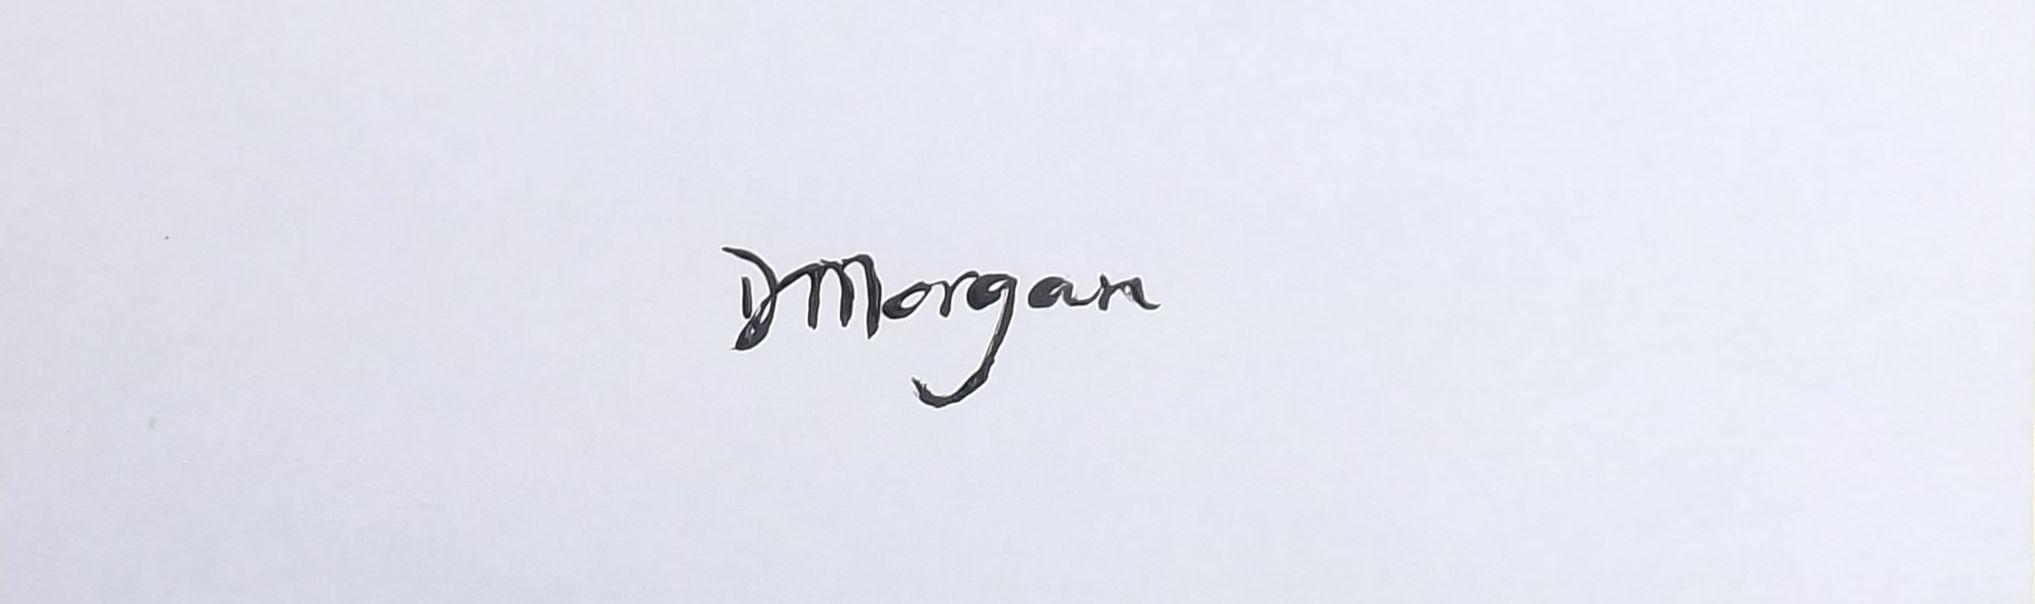 Denise Morgan's Signature